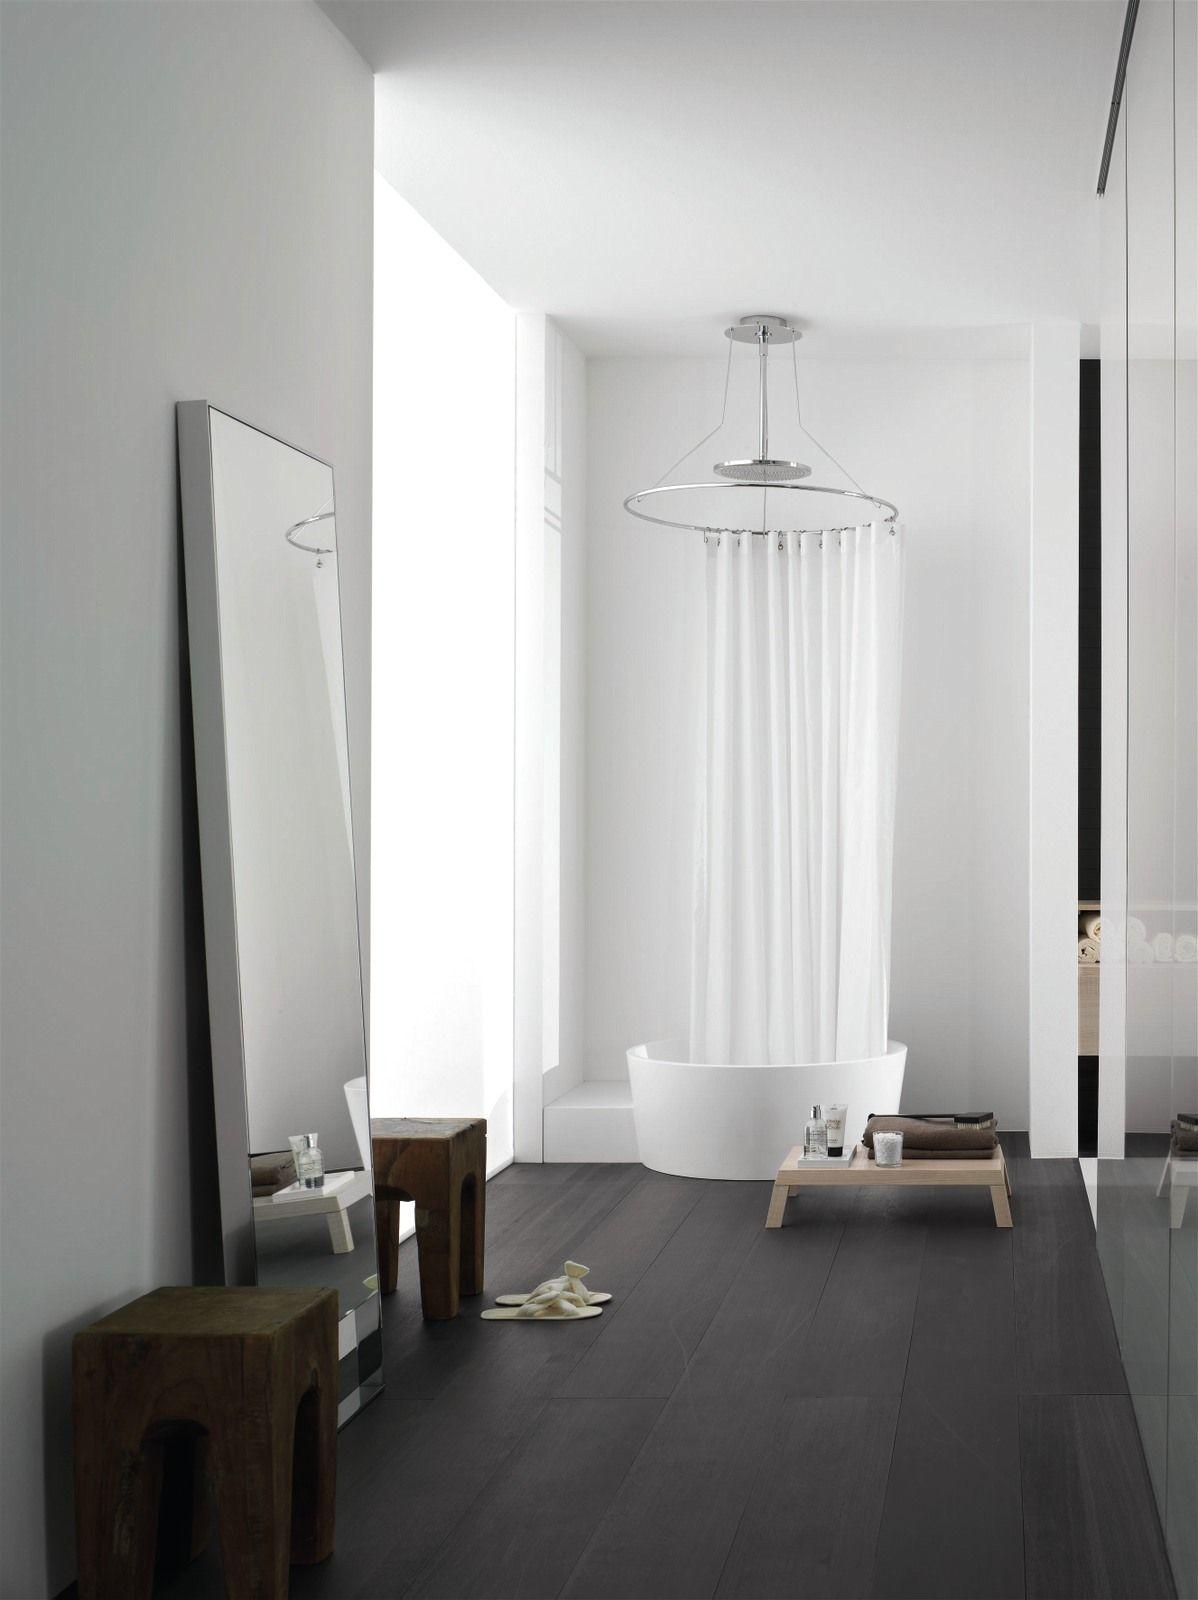 Arredo bagno completo canestro composizione c05 by - Arredo bagno completo ...